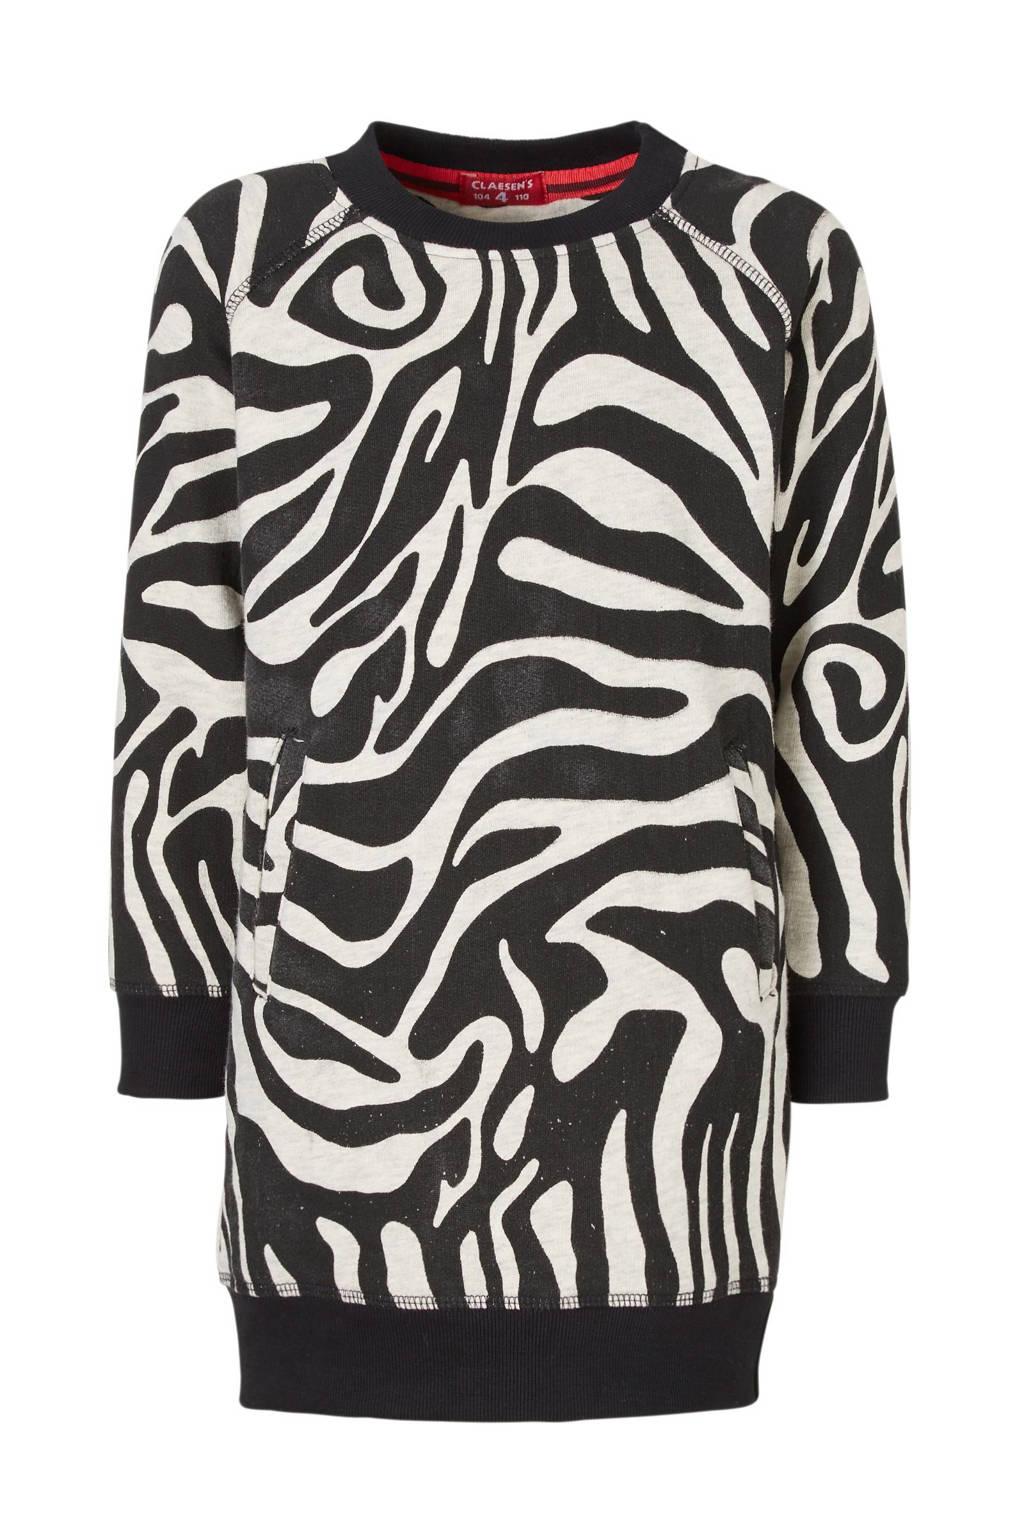 Claesen's sweatjurk met zebraprint, Zwart/grijs